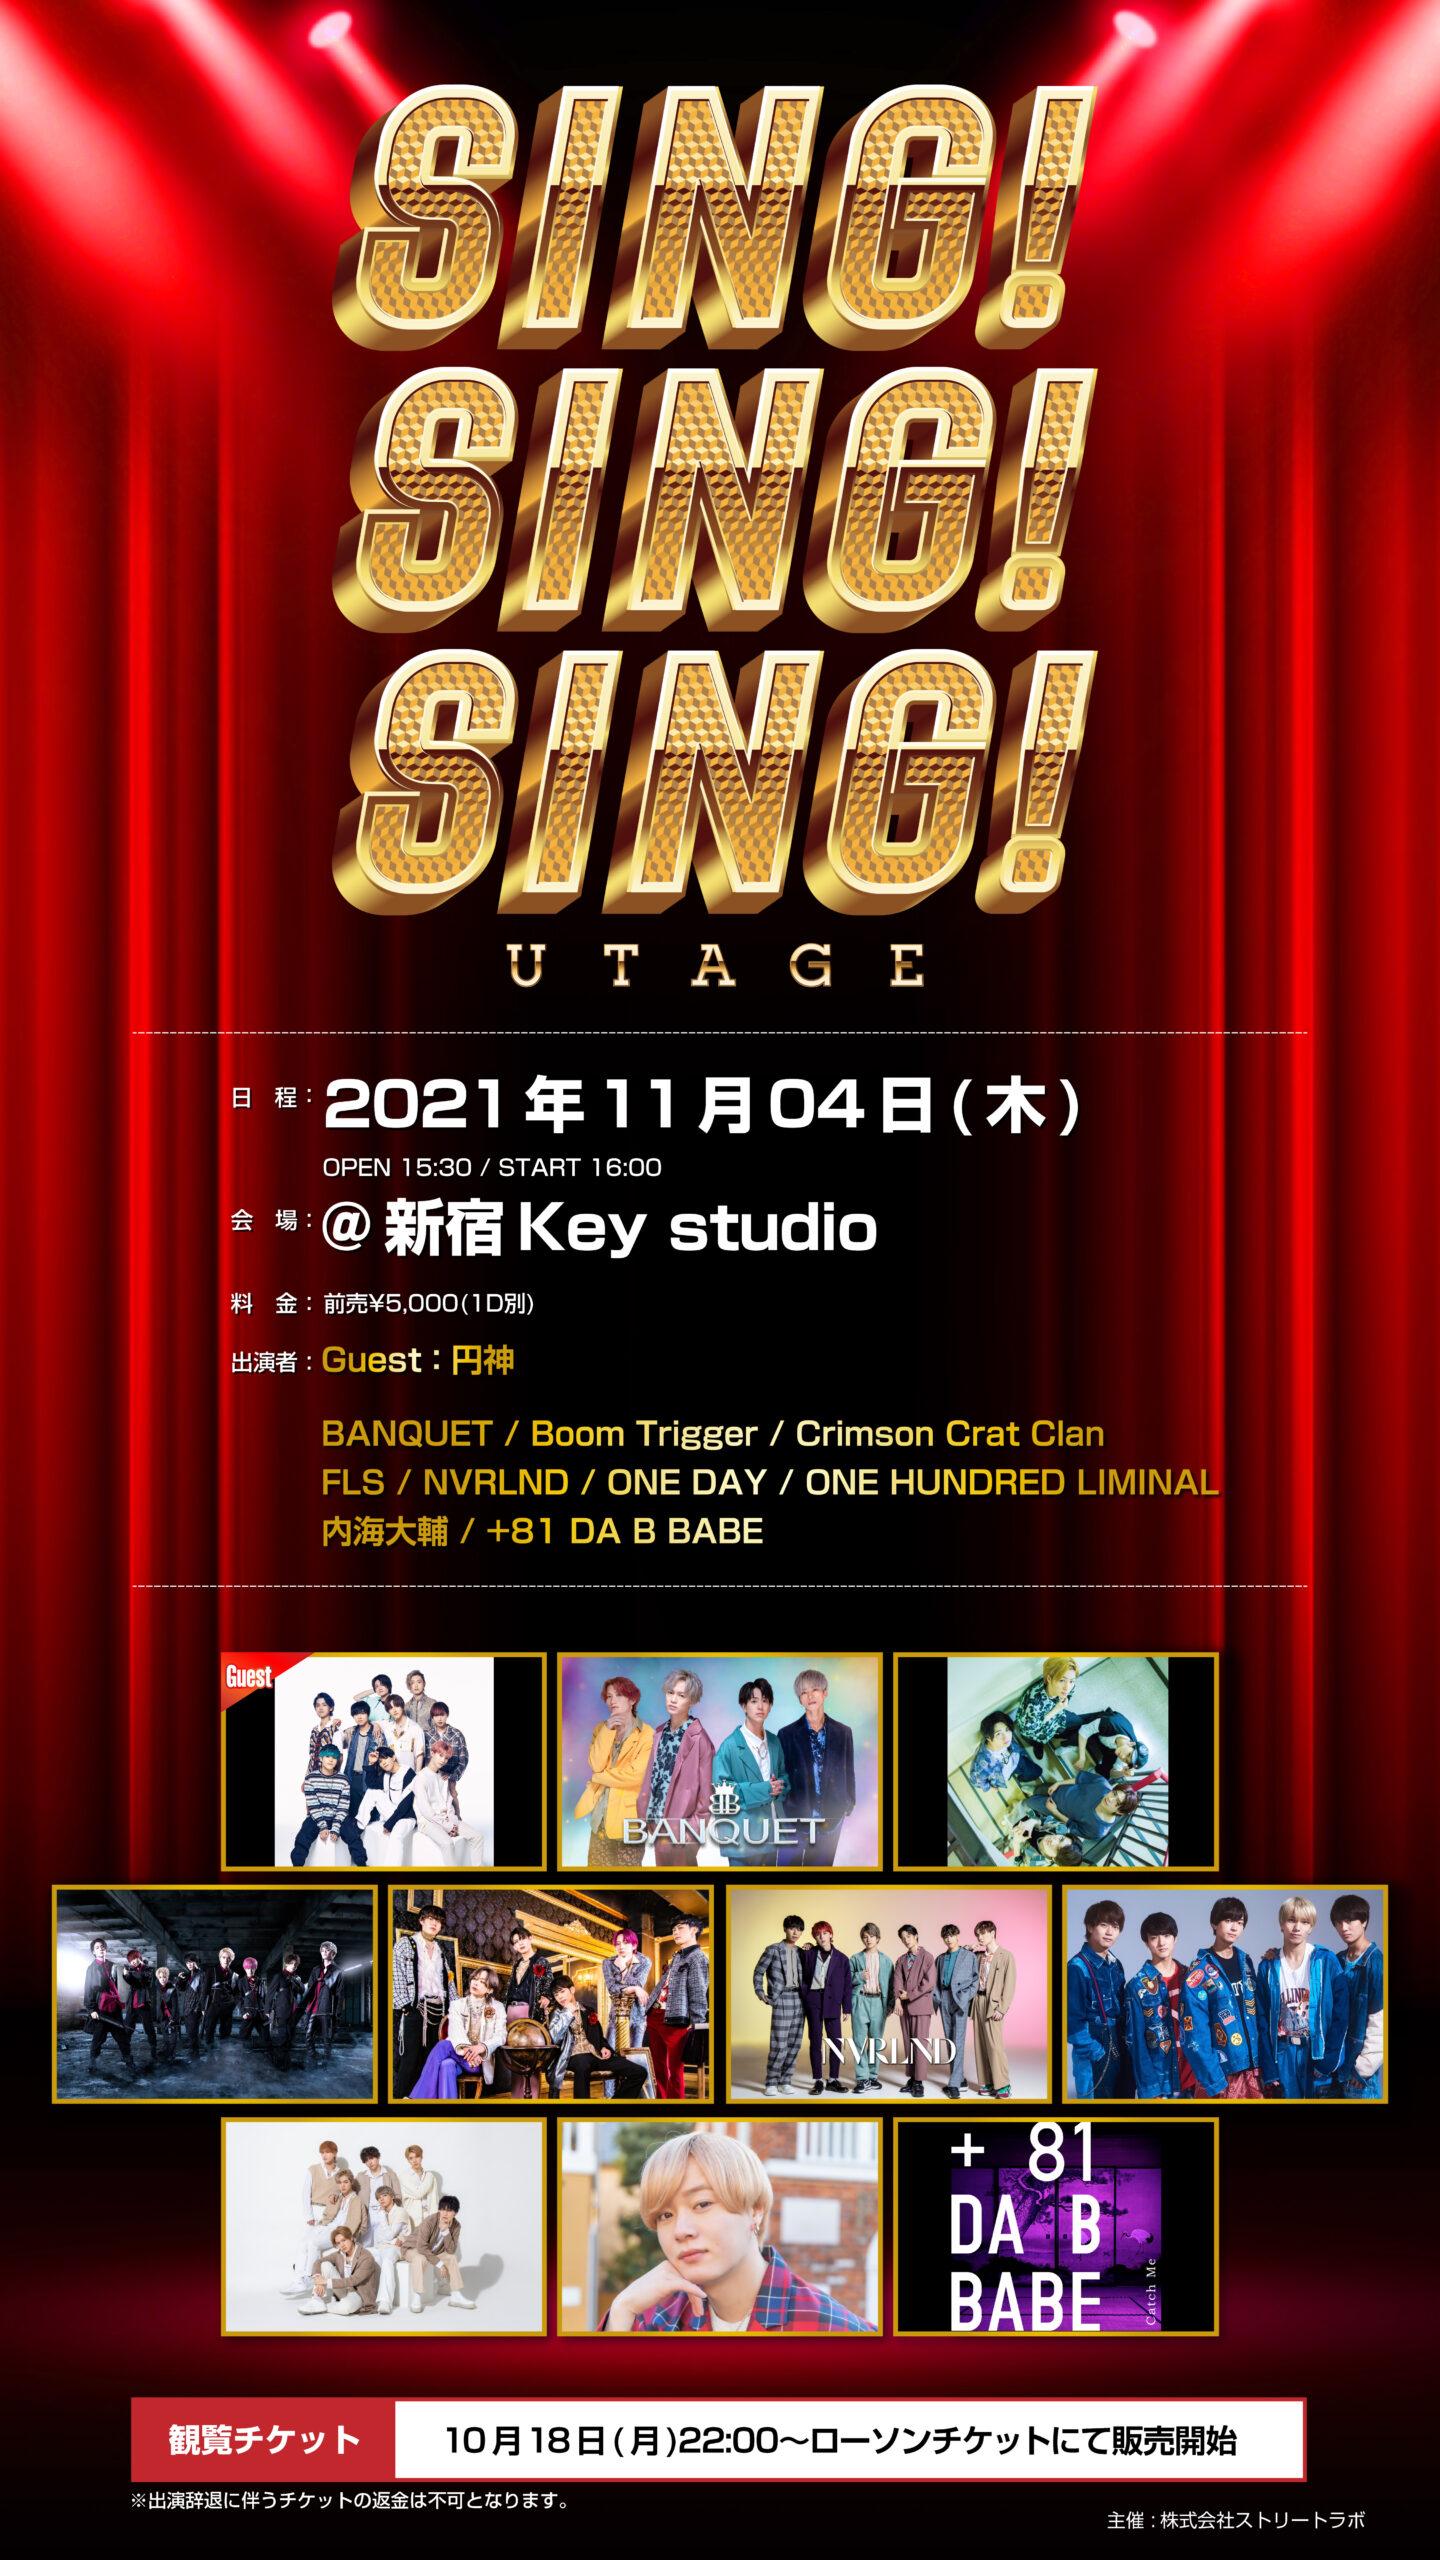 UTAGE SING!SING!SING! @新宿Key studio